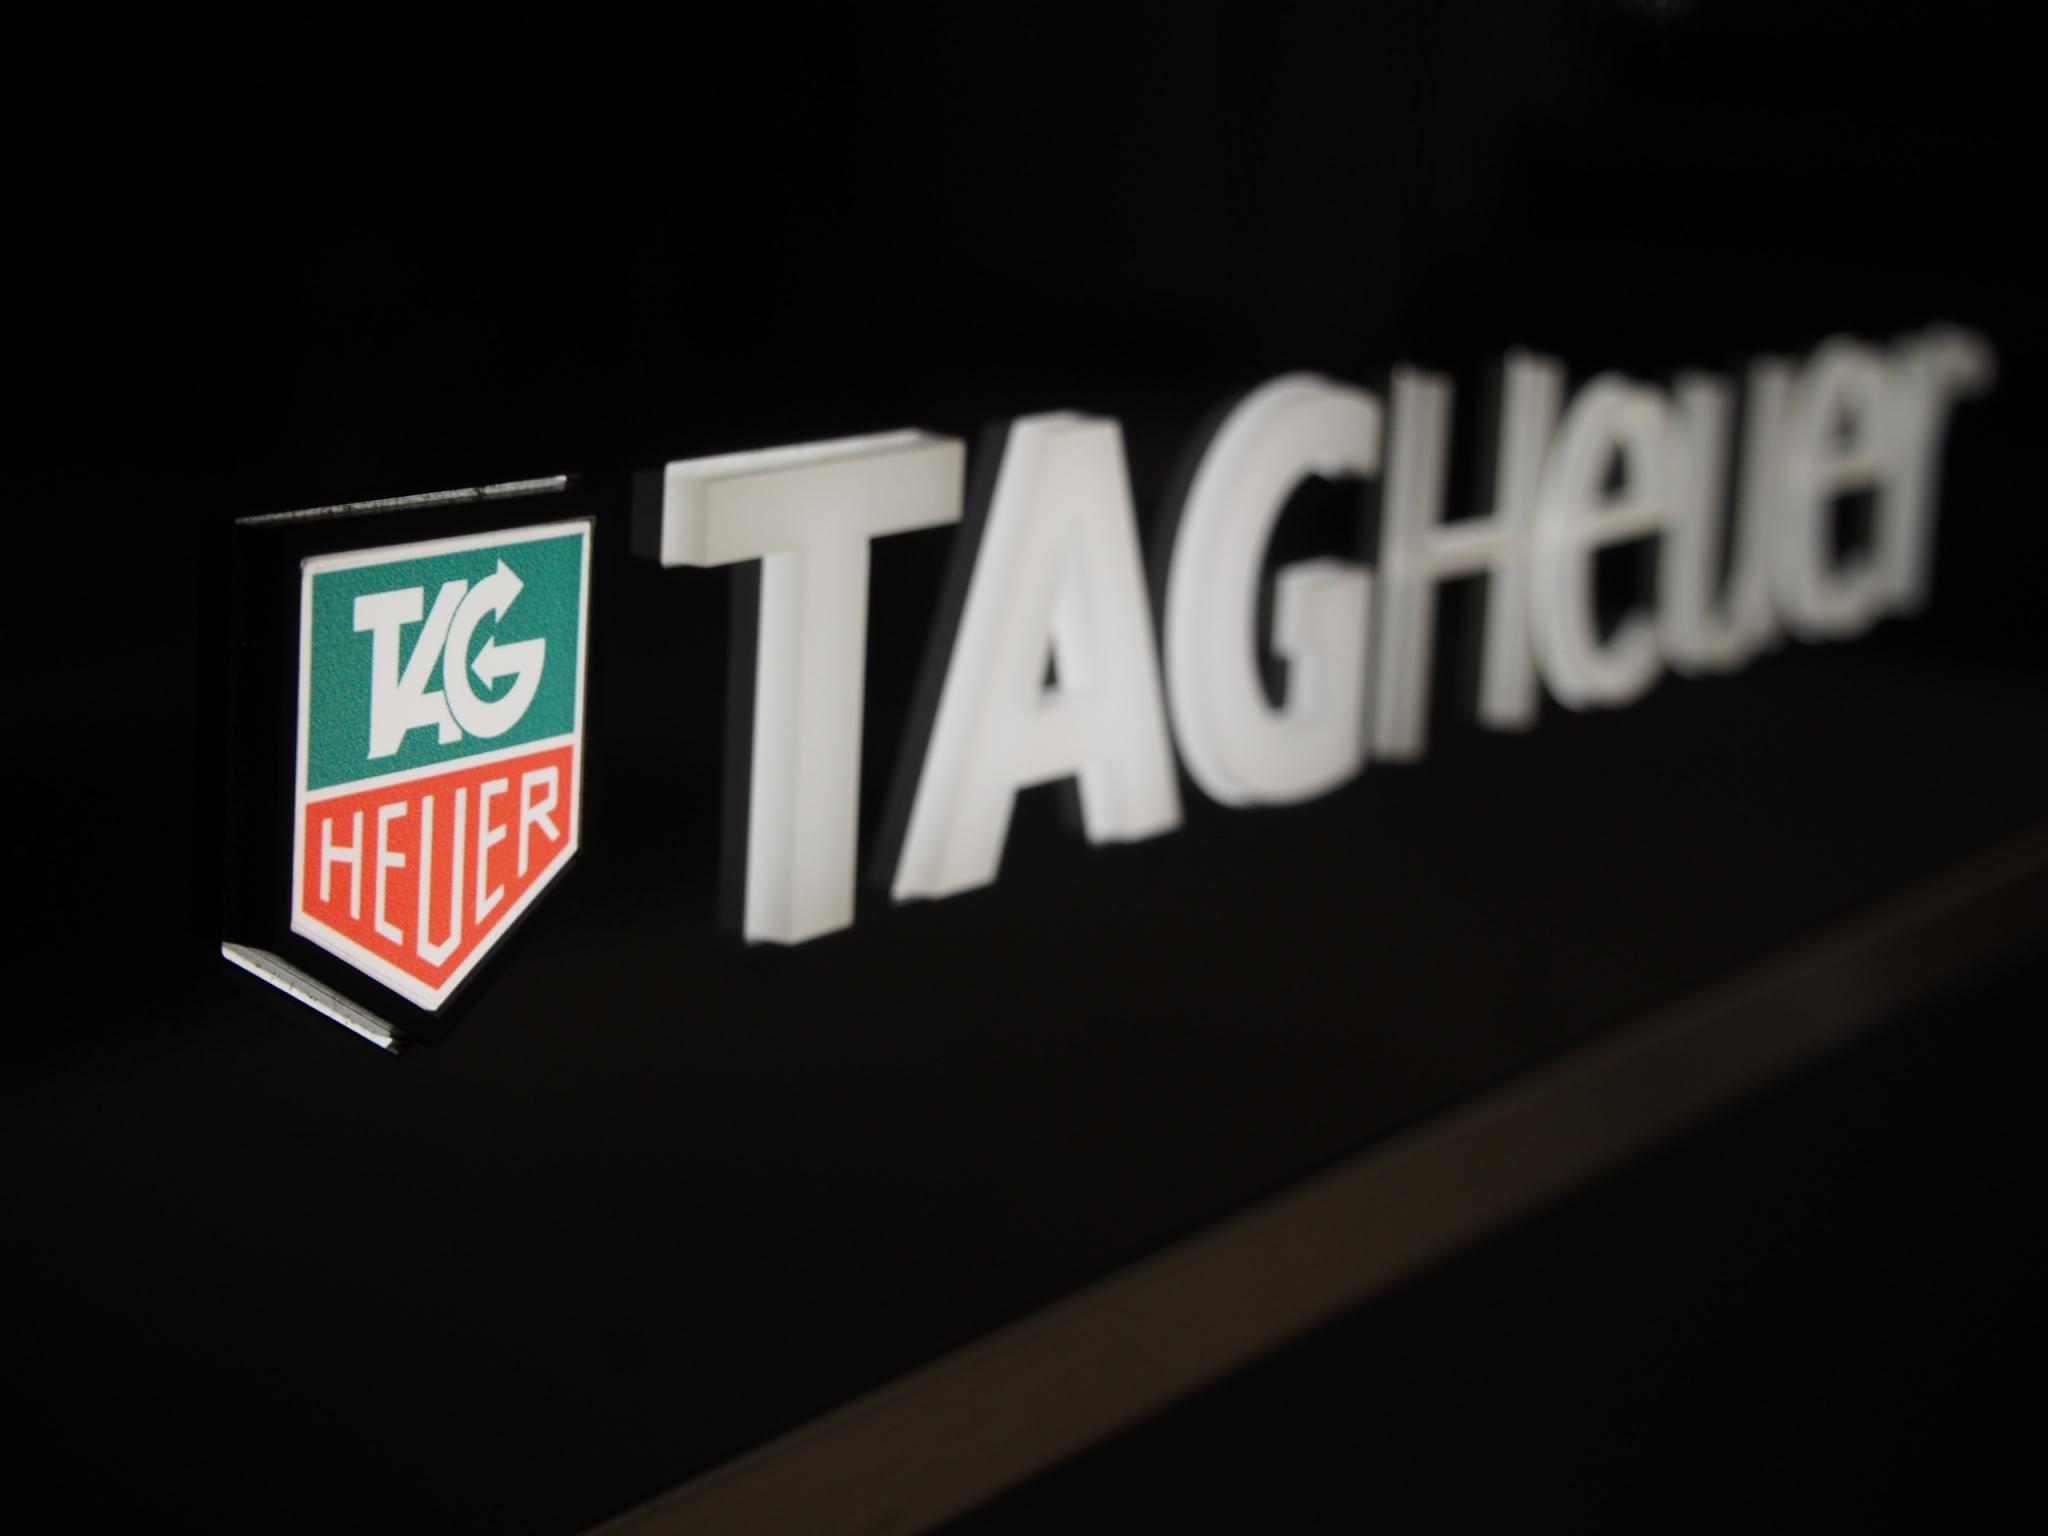 本日よりTAG Heuer FAIR開催ですよ!!